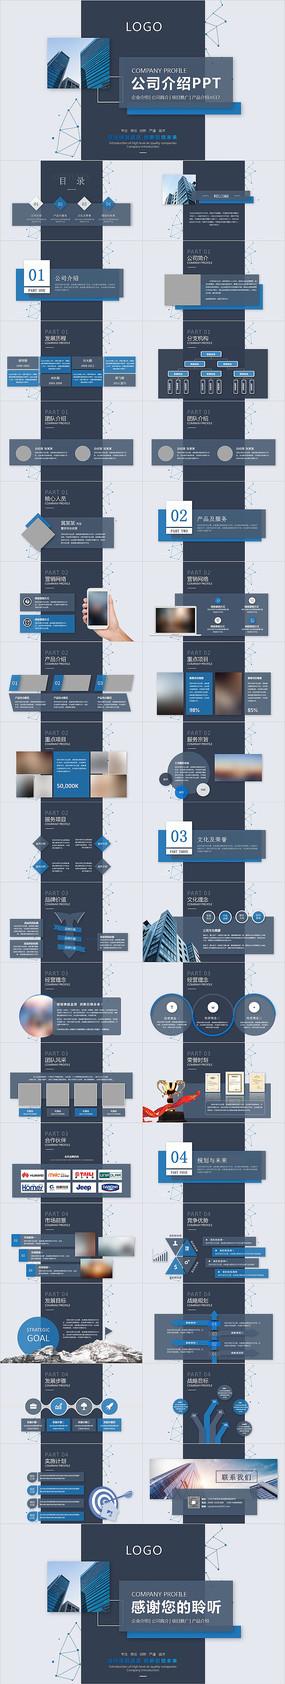 卡片式科技风公司介绍PPT模板